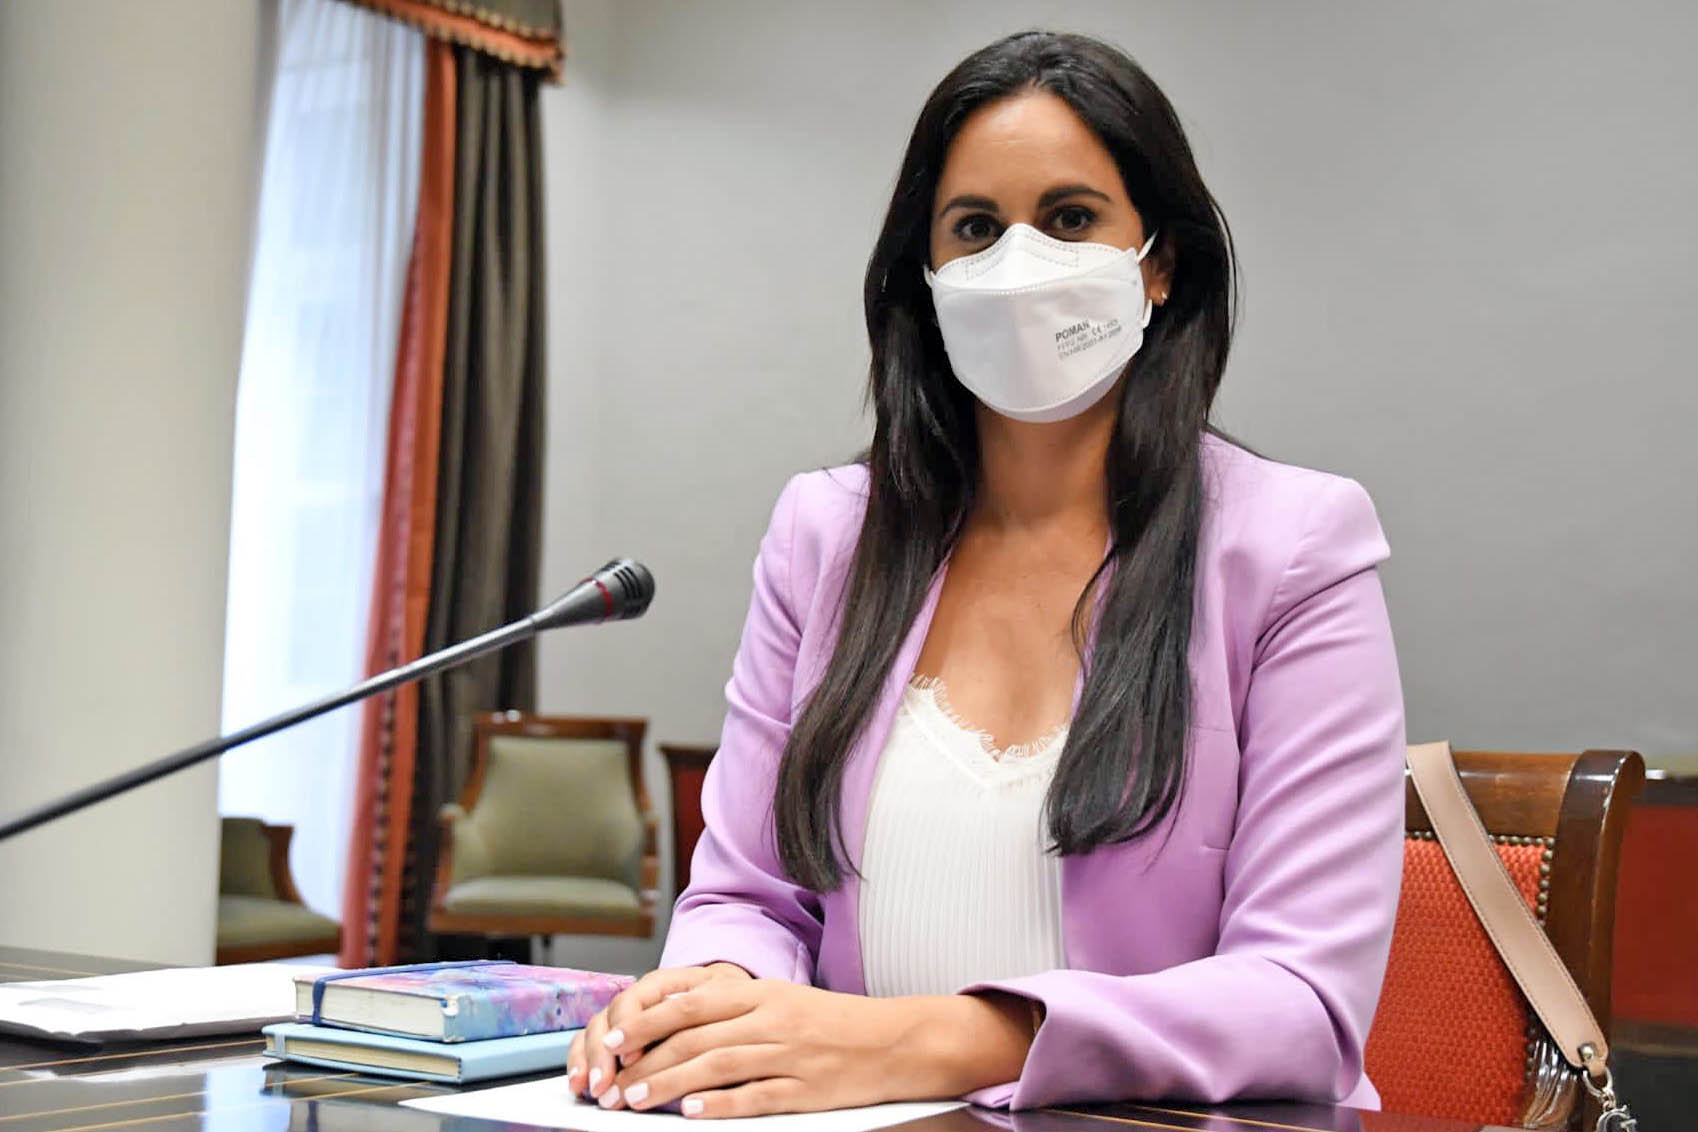 Espino reitera su propuesta de donar 200.000 euros a los afectados por el volcán